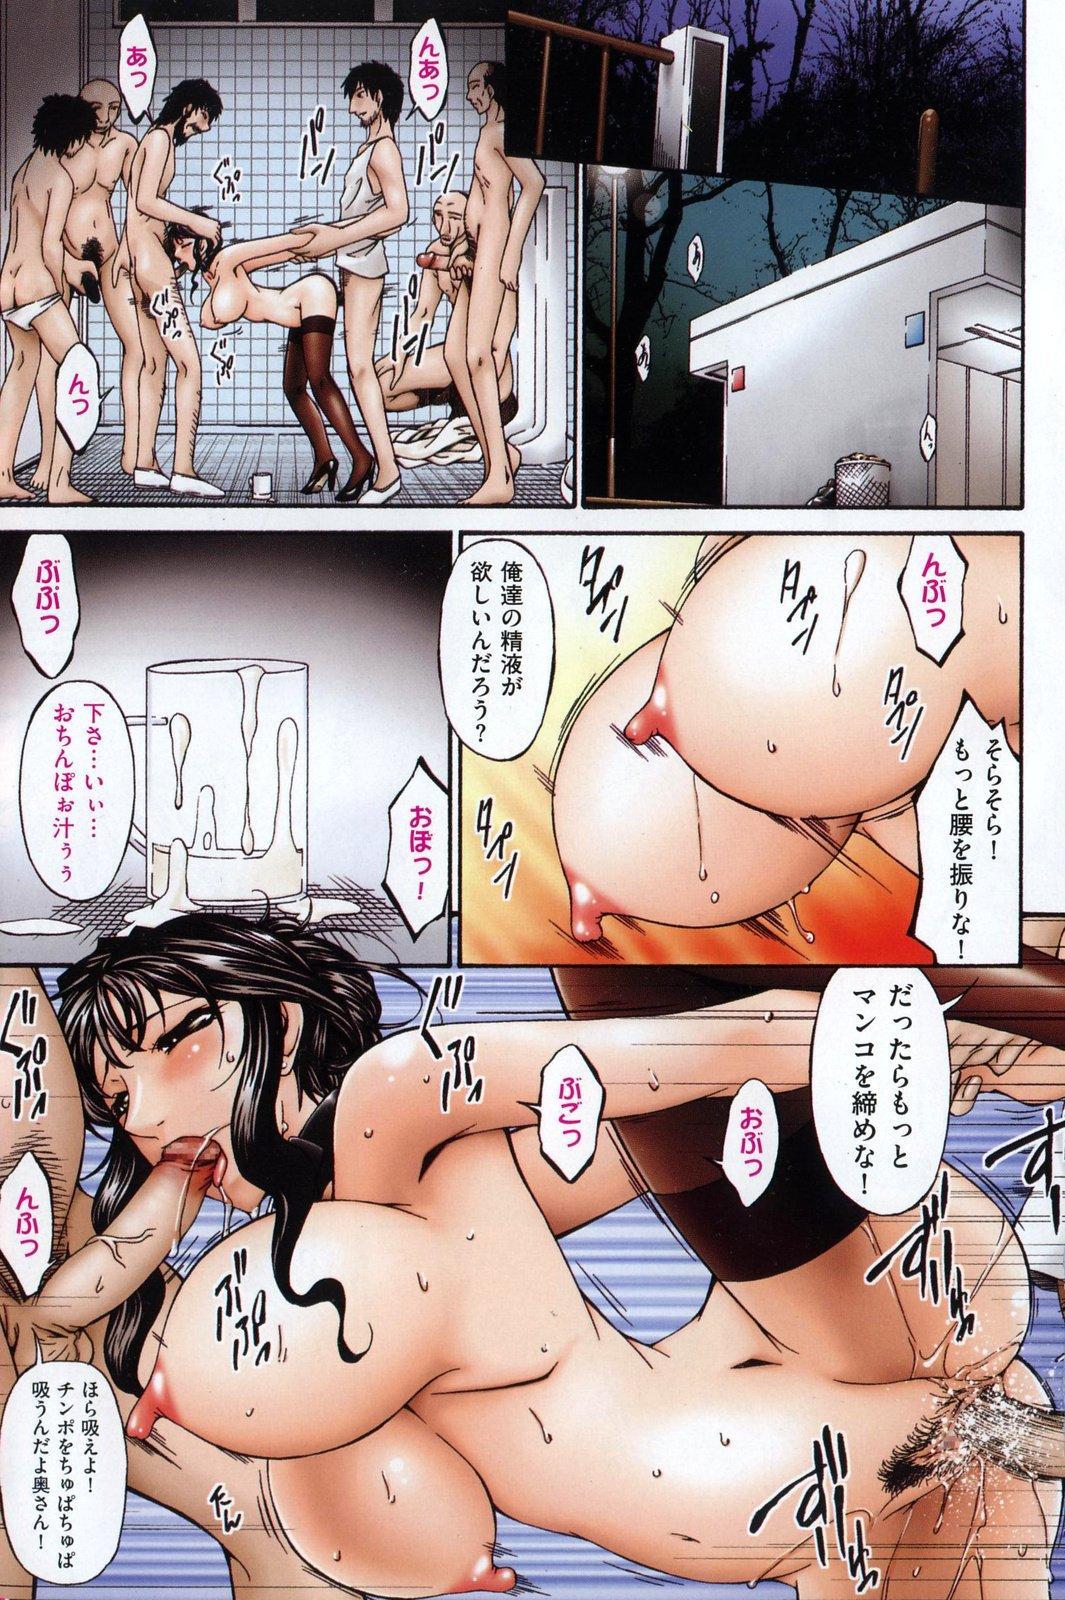 COMIC XO 2007-09 Vol. 16 4